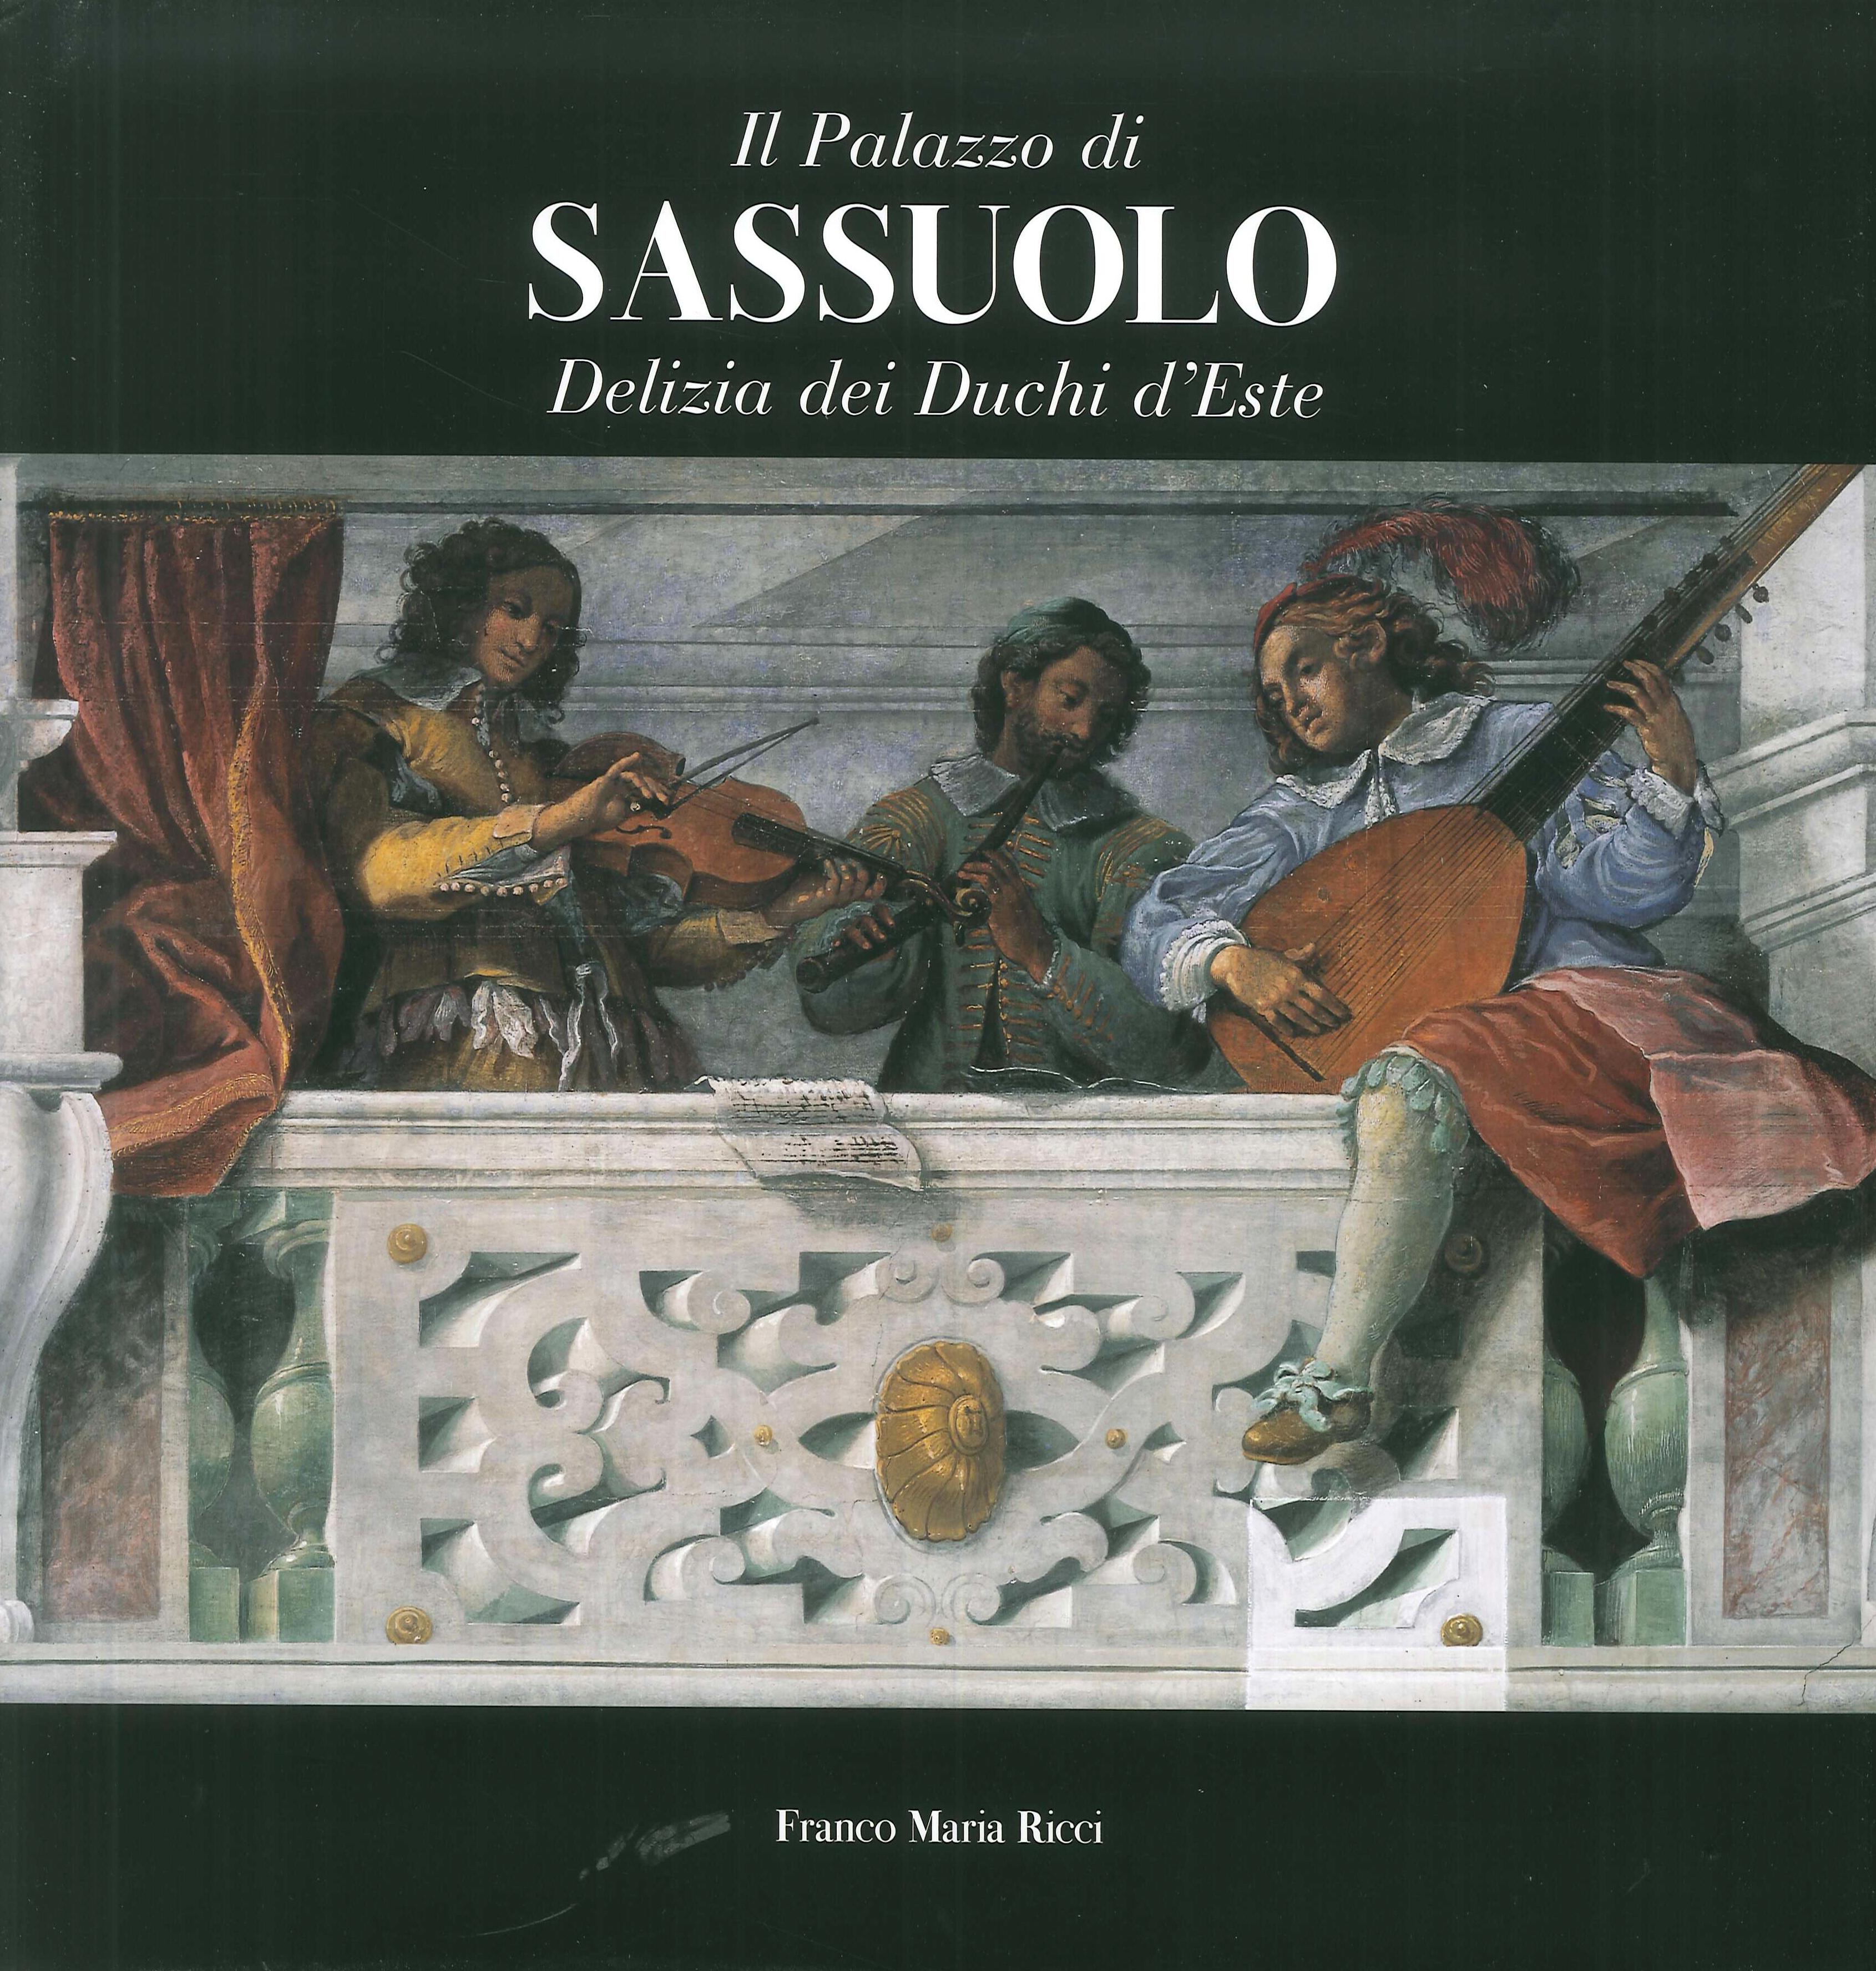 Il palazzo di Sassuolo. Delizia dei duchi d'Este